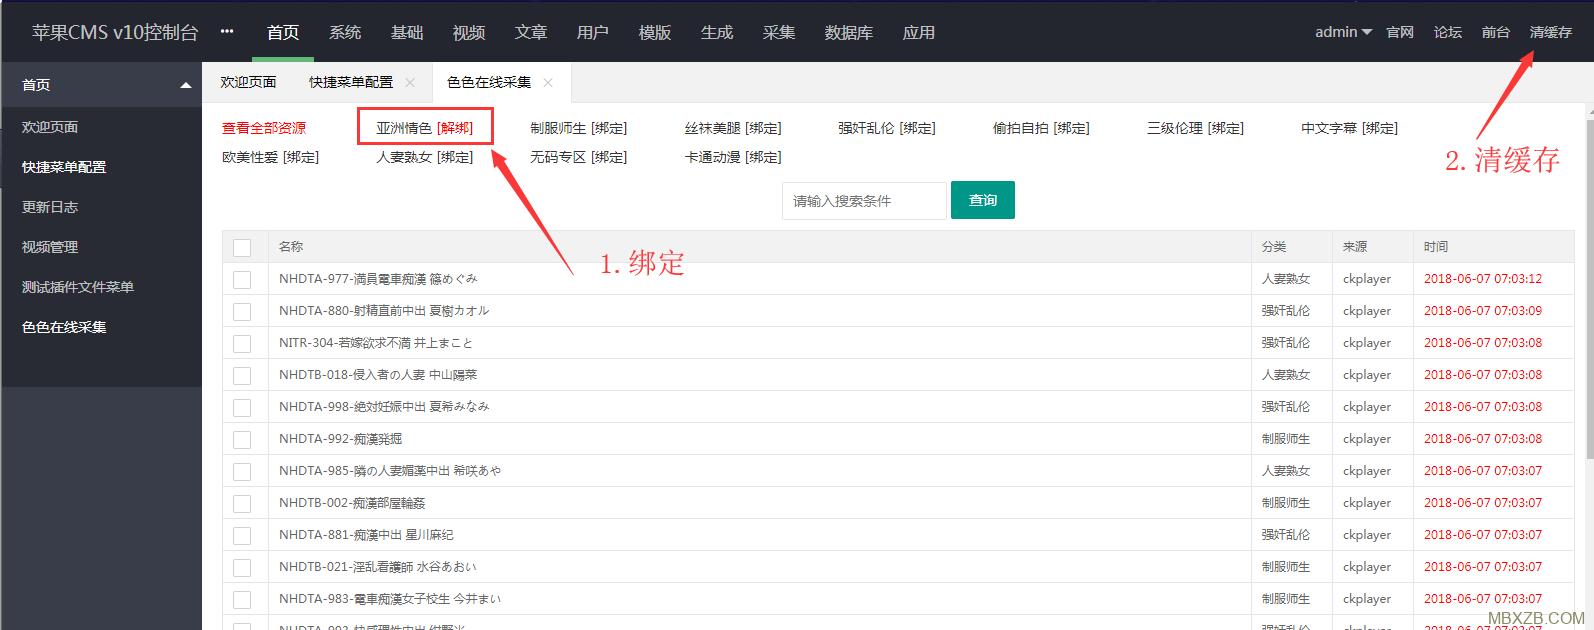 优果资源站-亚洲最大在线资源采集站,提供最新最快的影视资讯和在线播放_专注高清影视资源大全